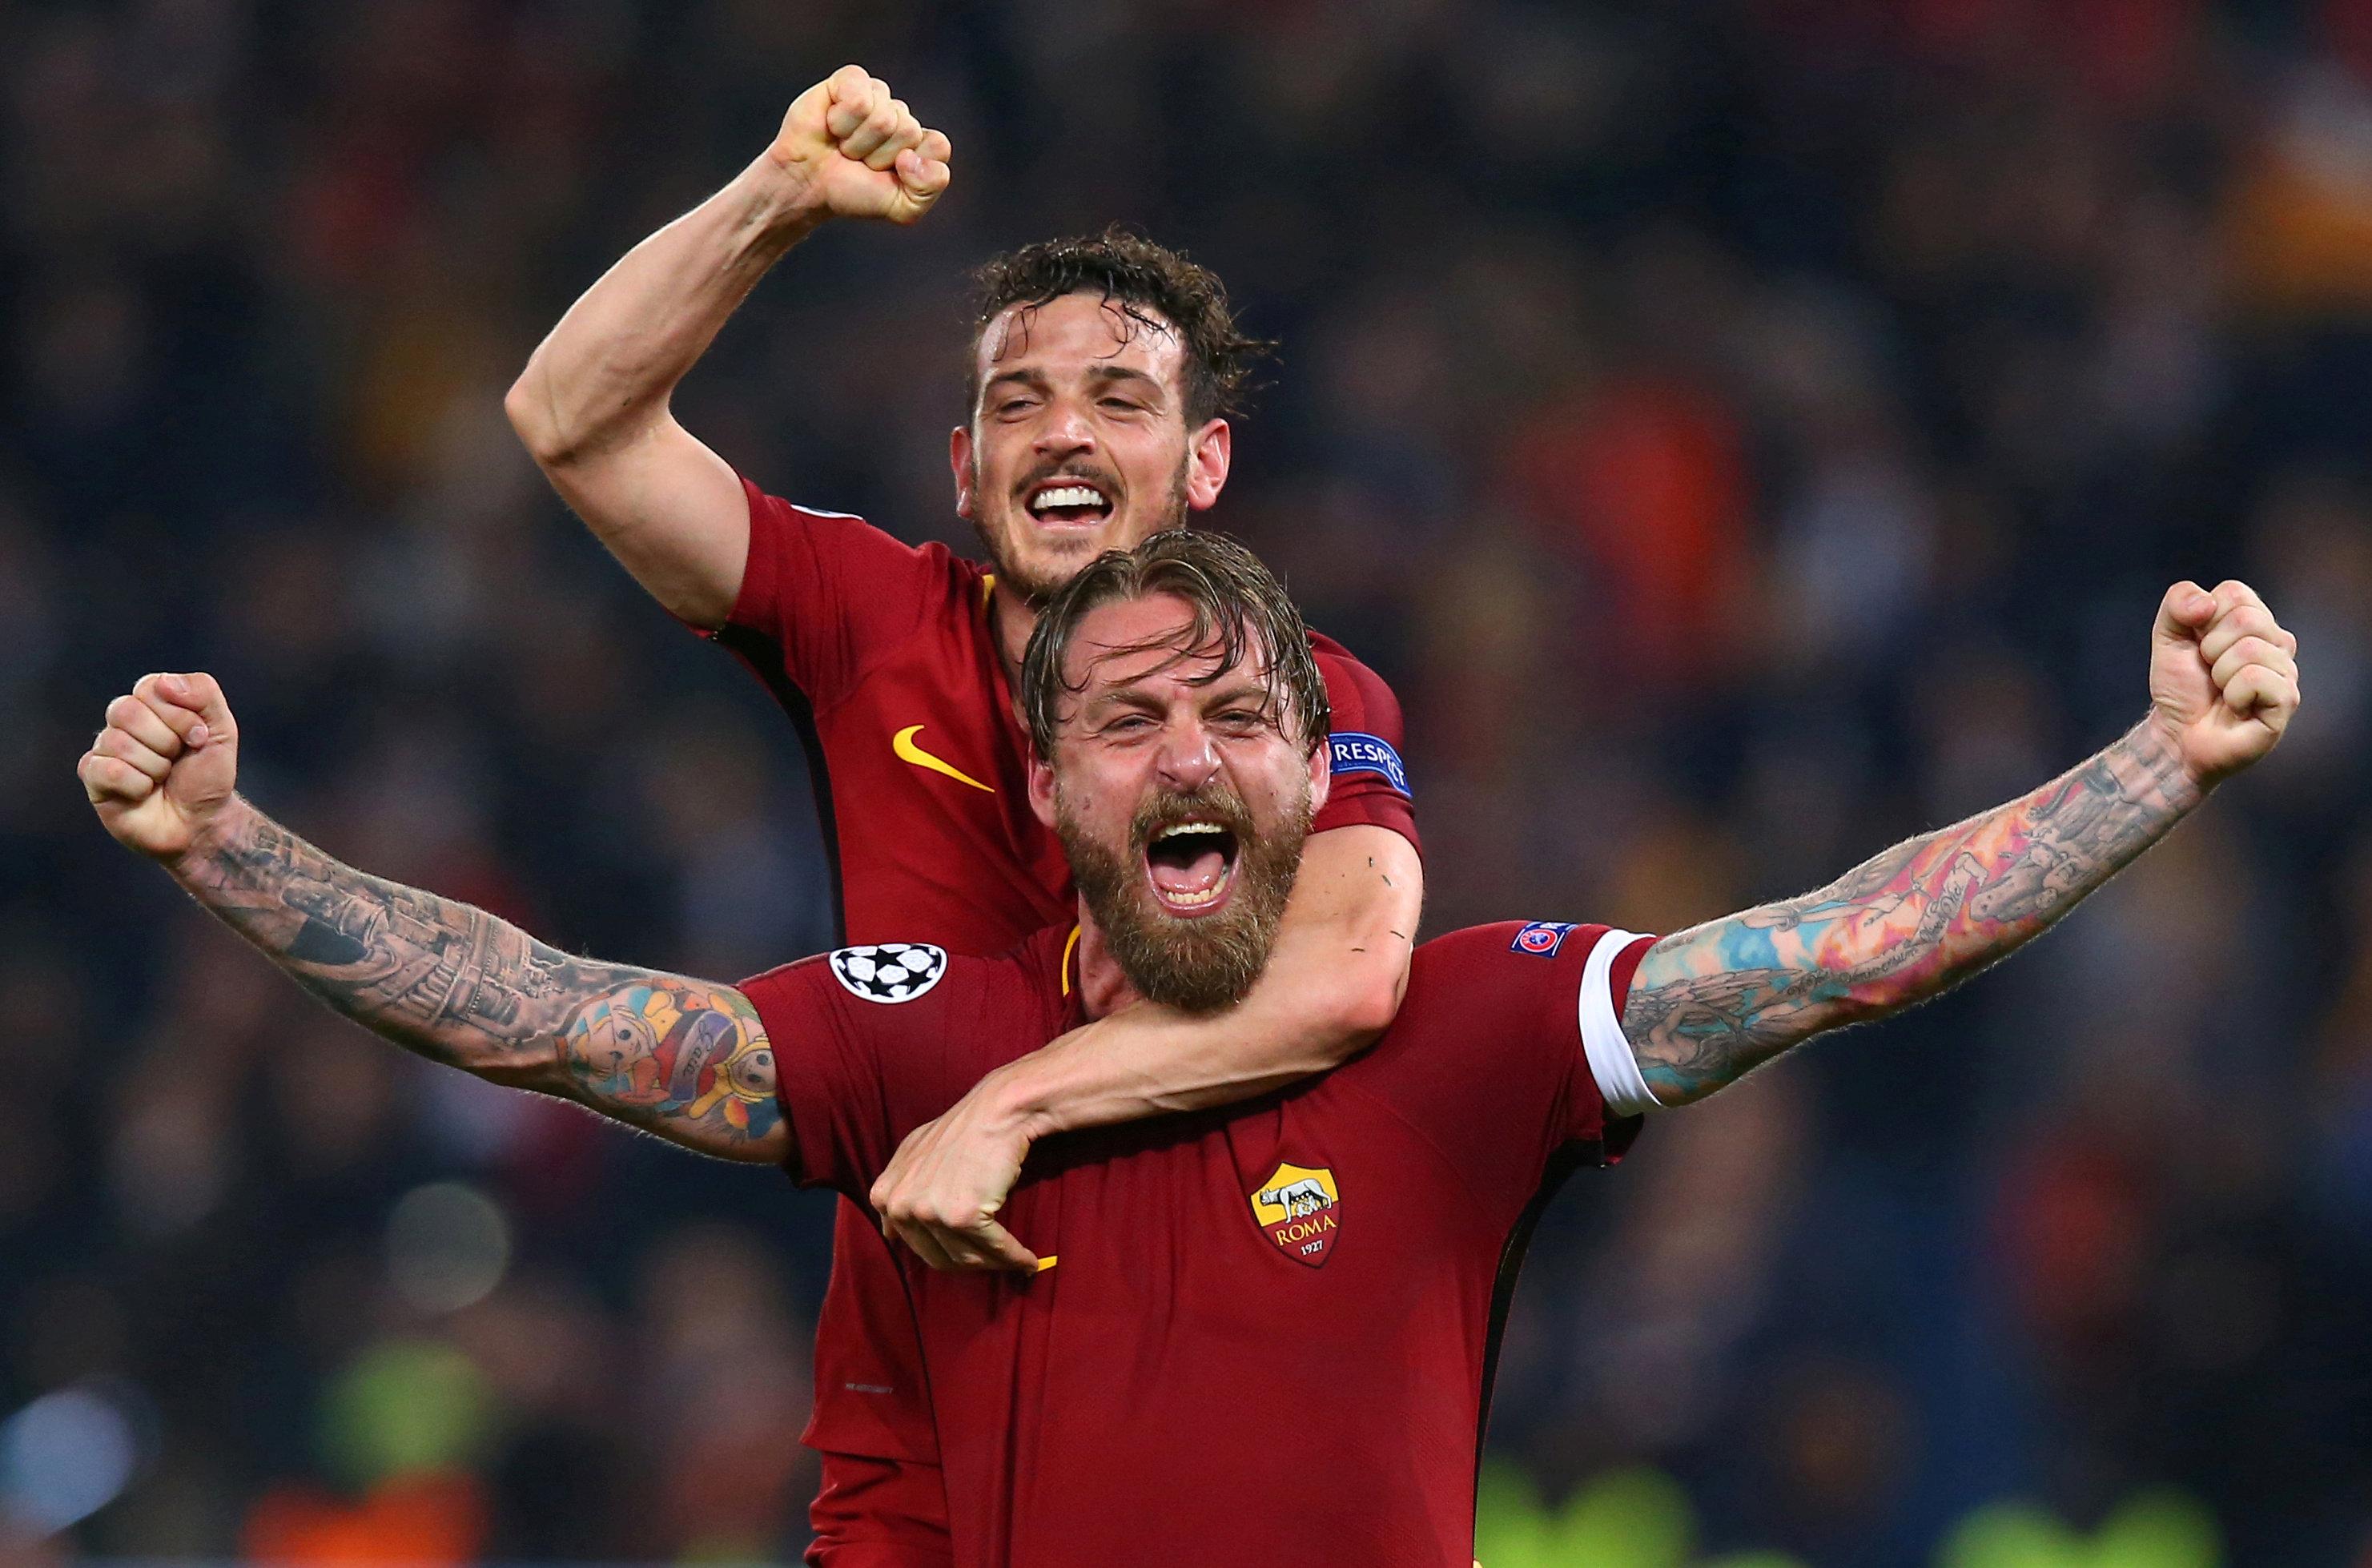 Niềm vui của các cầu thủ AS Roma sau khi đoạt vé vào bán kết. Ảnh: REUTERS